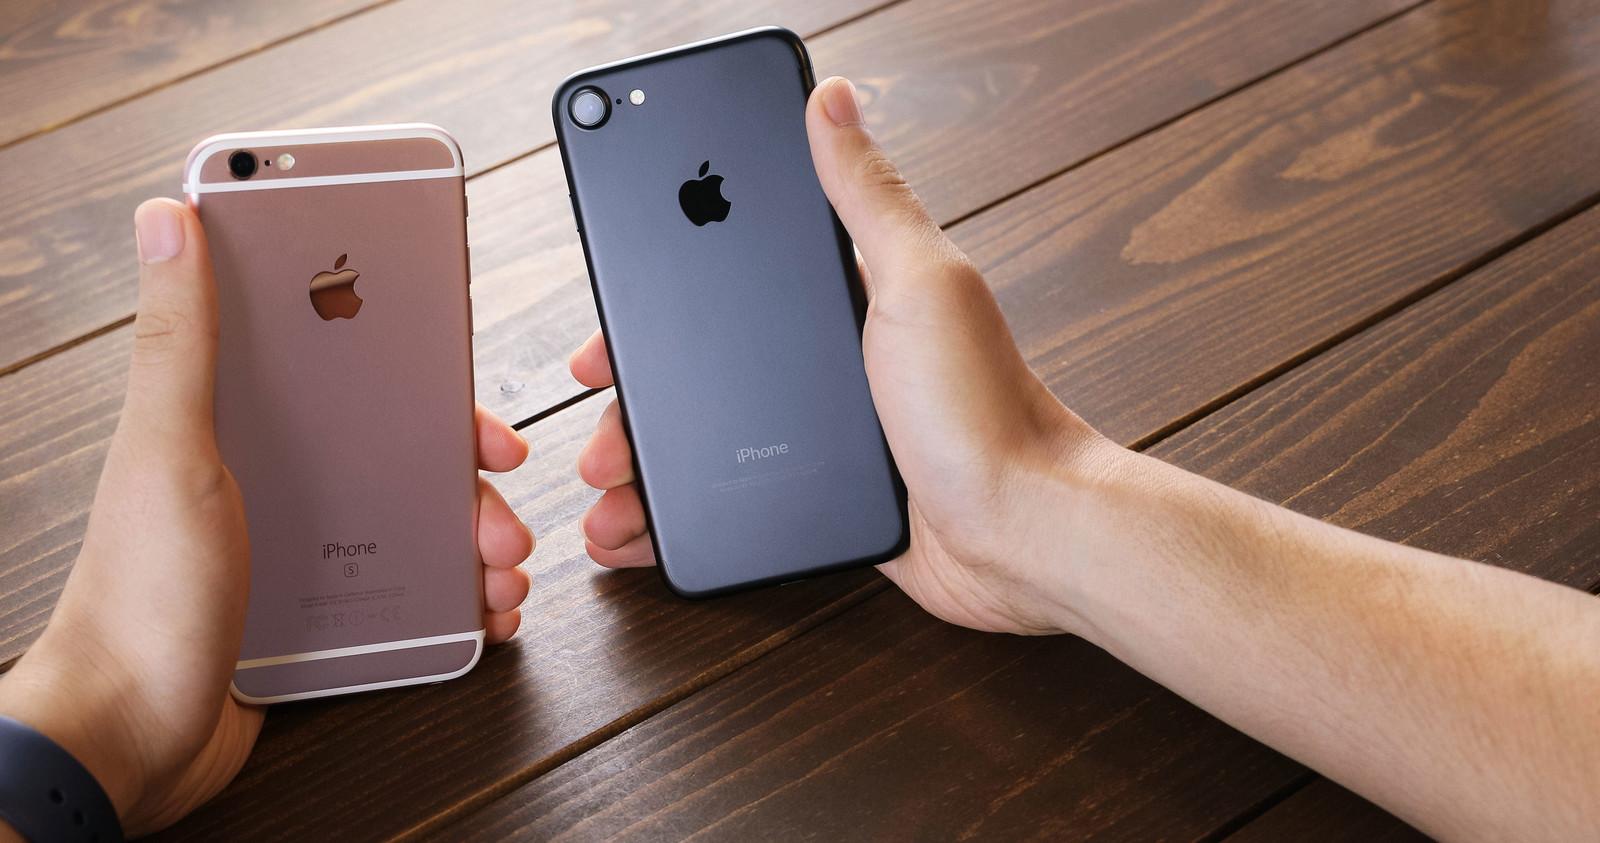 Apple ID(アカウント)を複数持つ方法